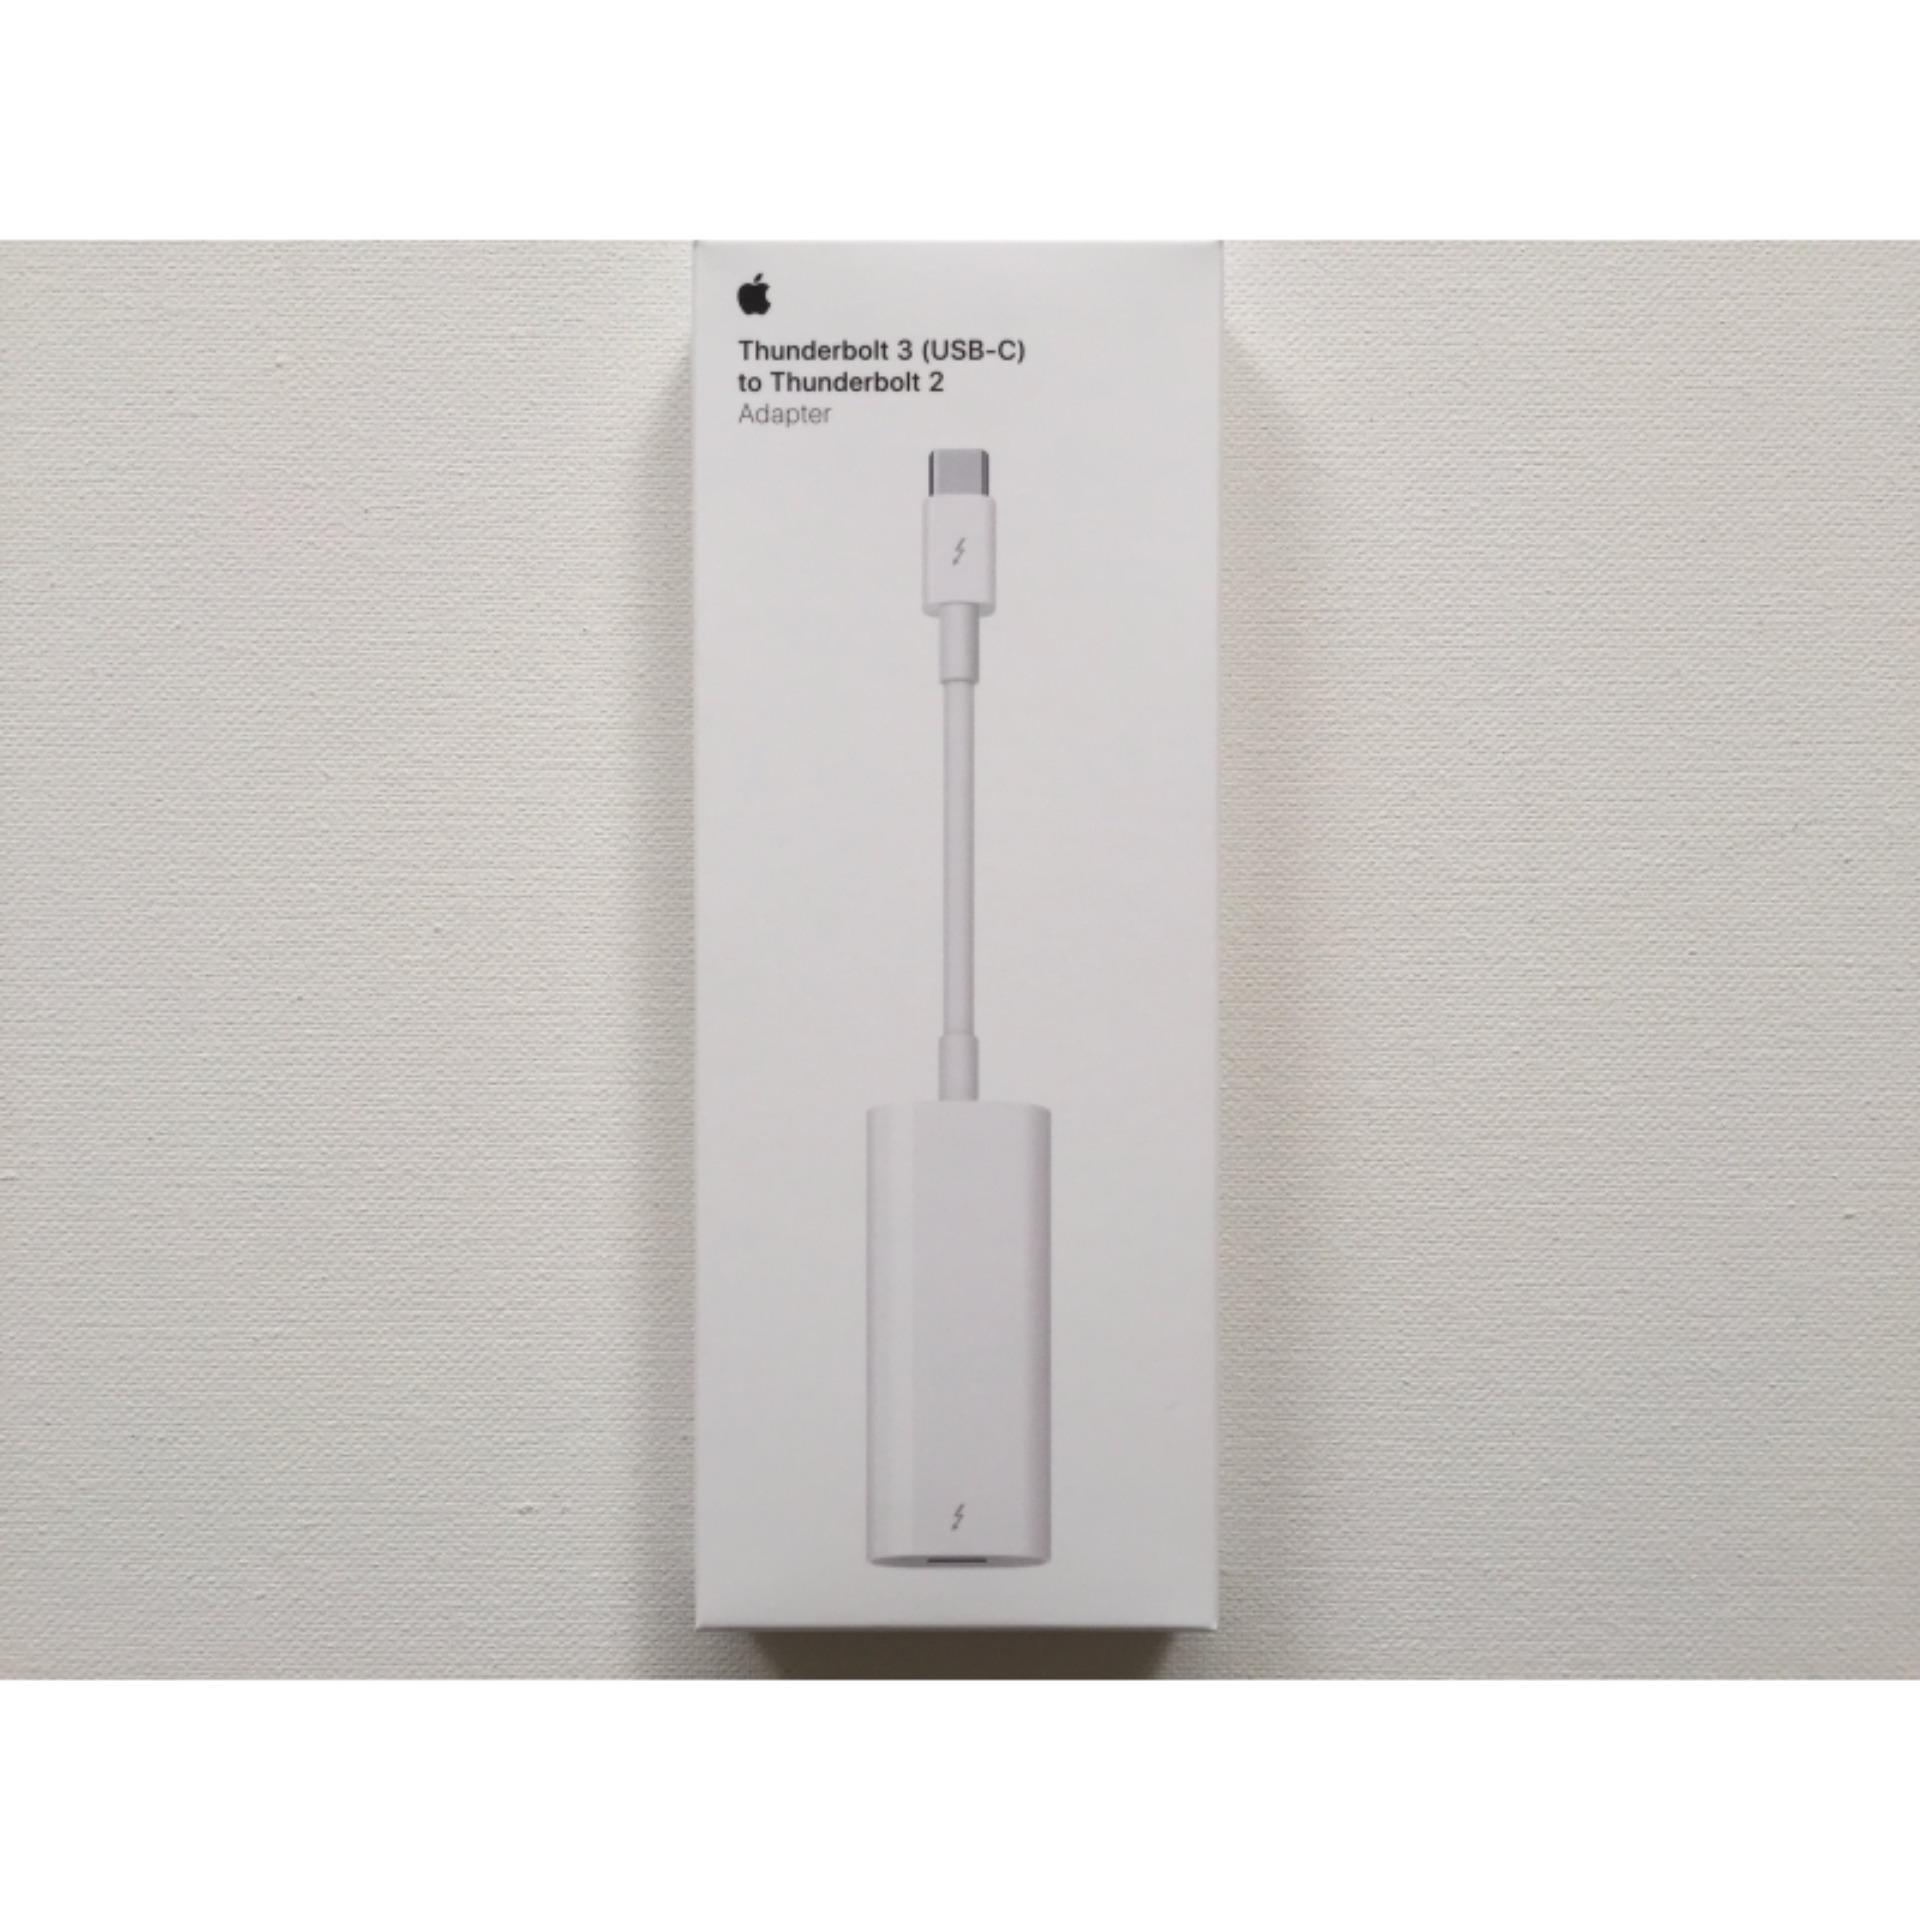 Cáp Chuyển Đổi Thunderbolt 3 (USB-C) đến Thunderbolt 2 Adapter_ Hàng Nhập Khẩu